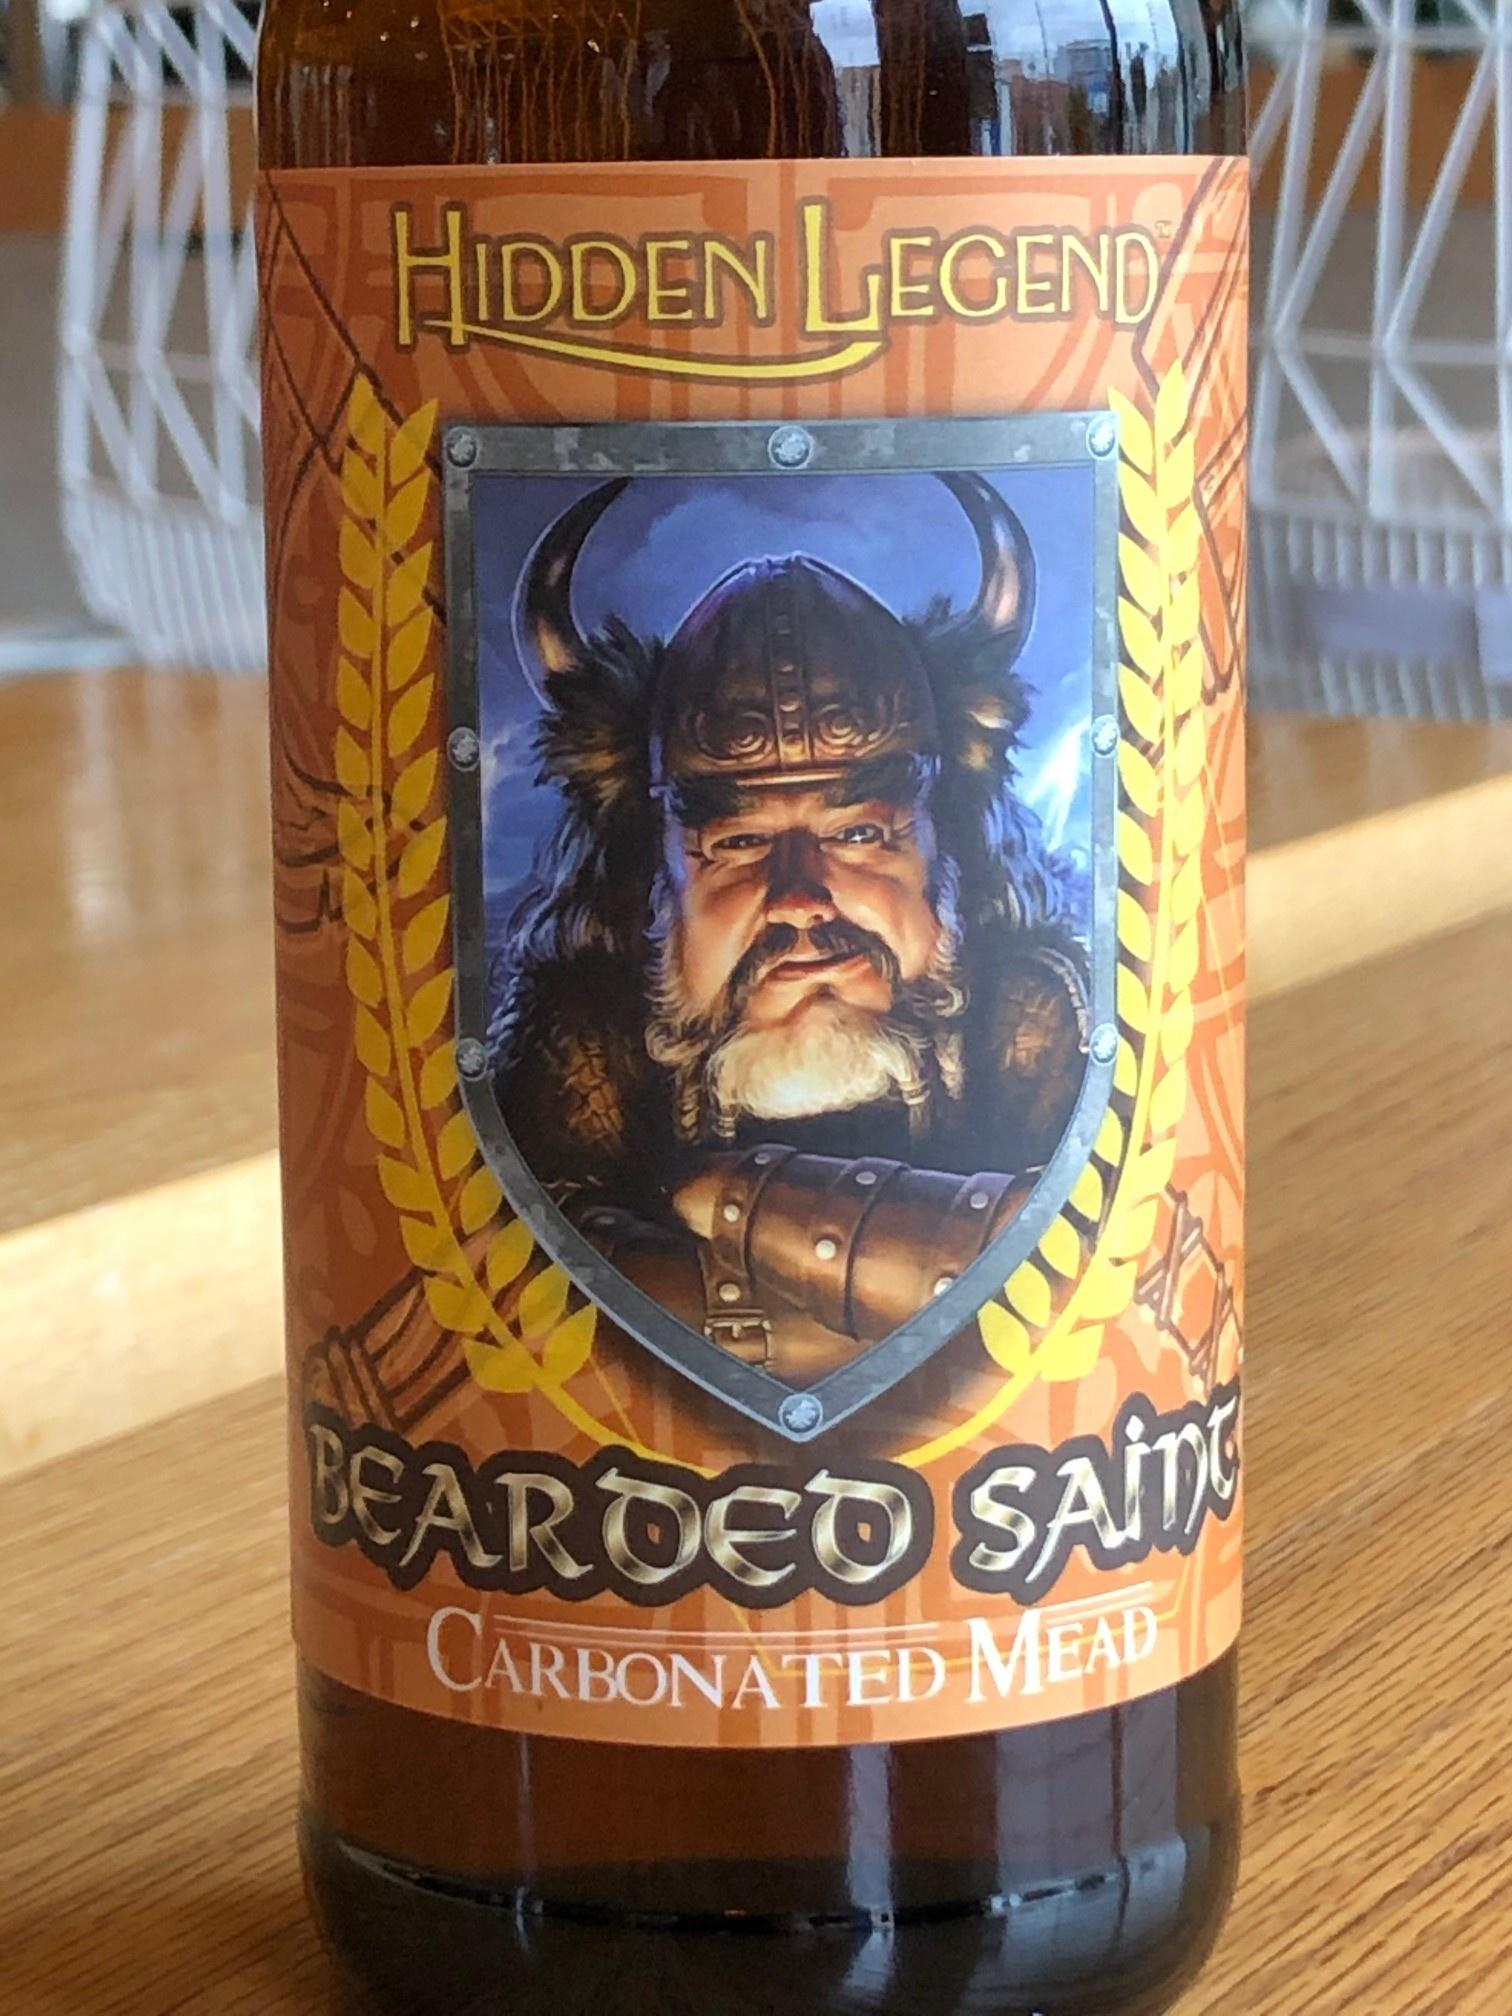 Hidden Legend Meads Hidden Legend Bearded Saint 500ml